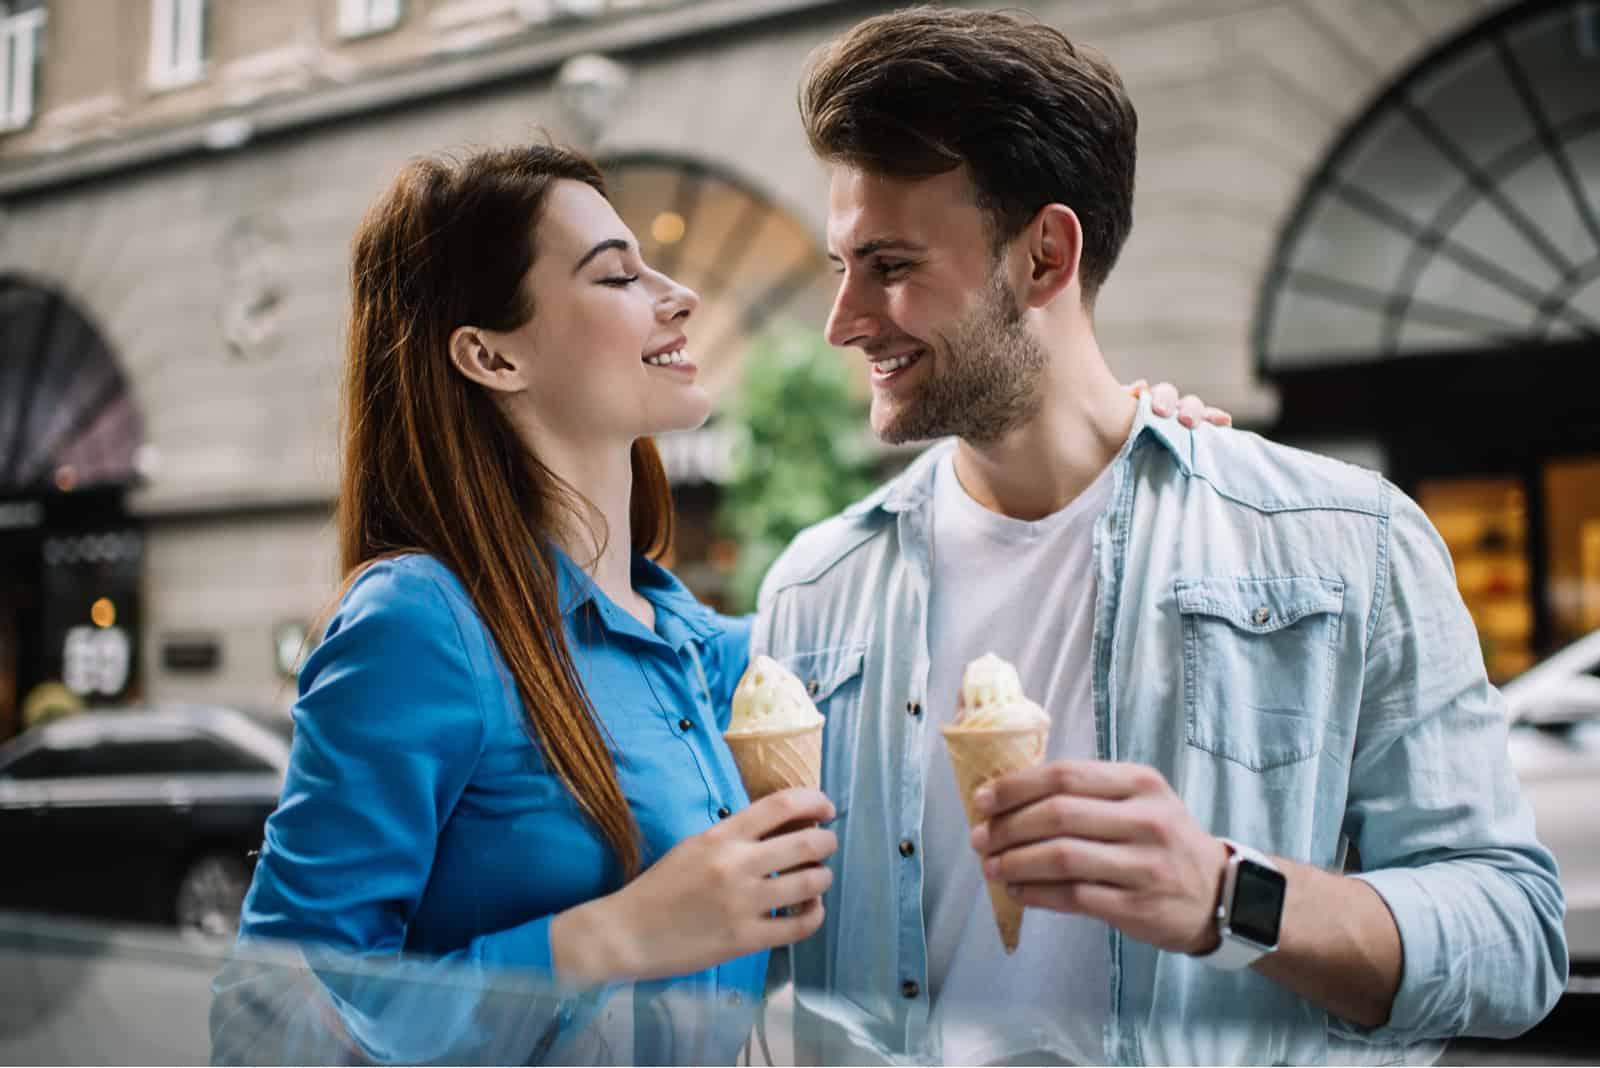 ein lächelndes Paar mit Eis flirten